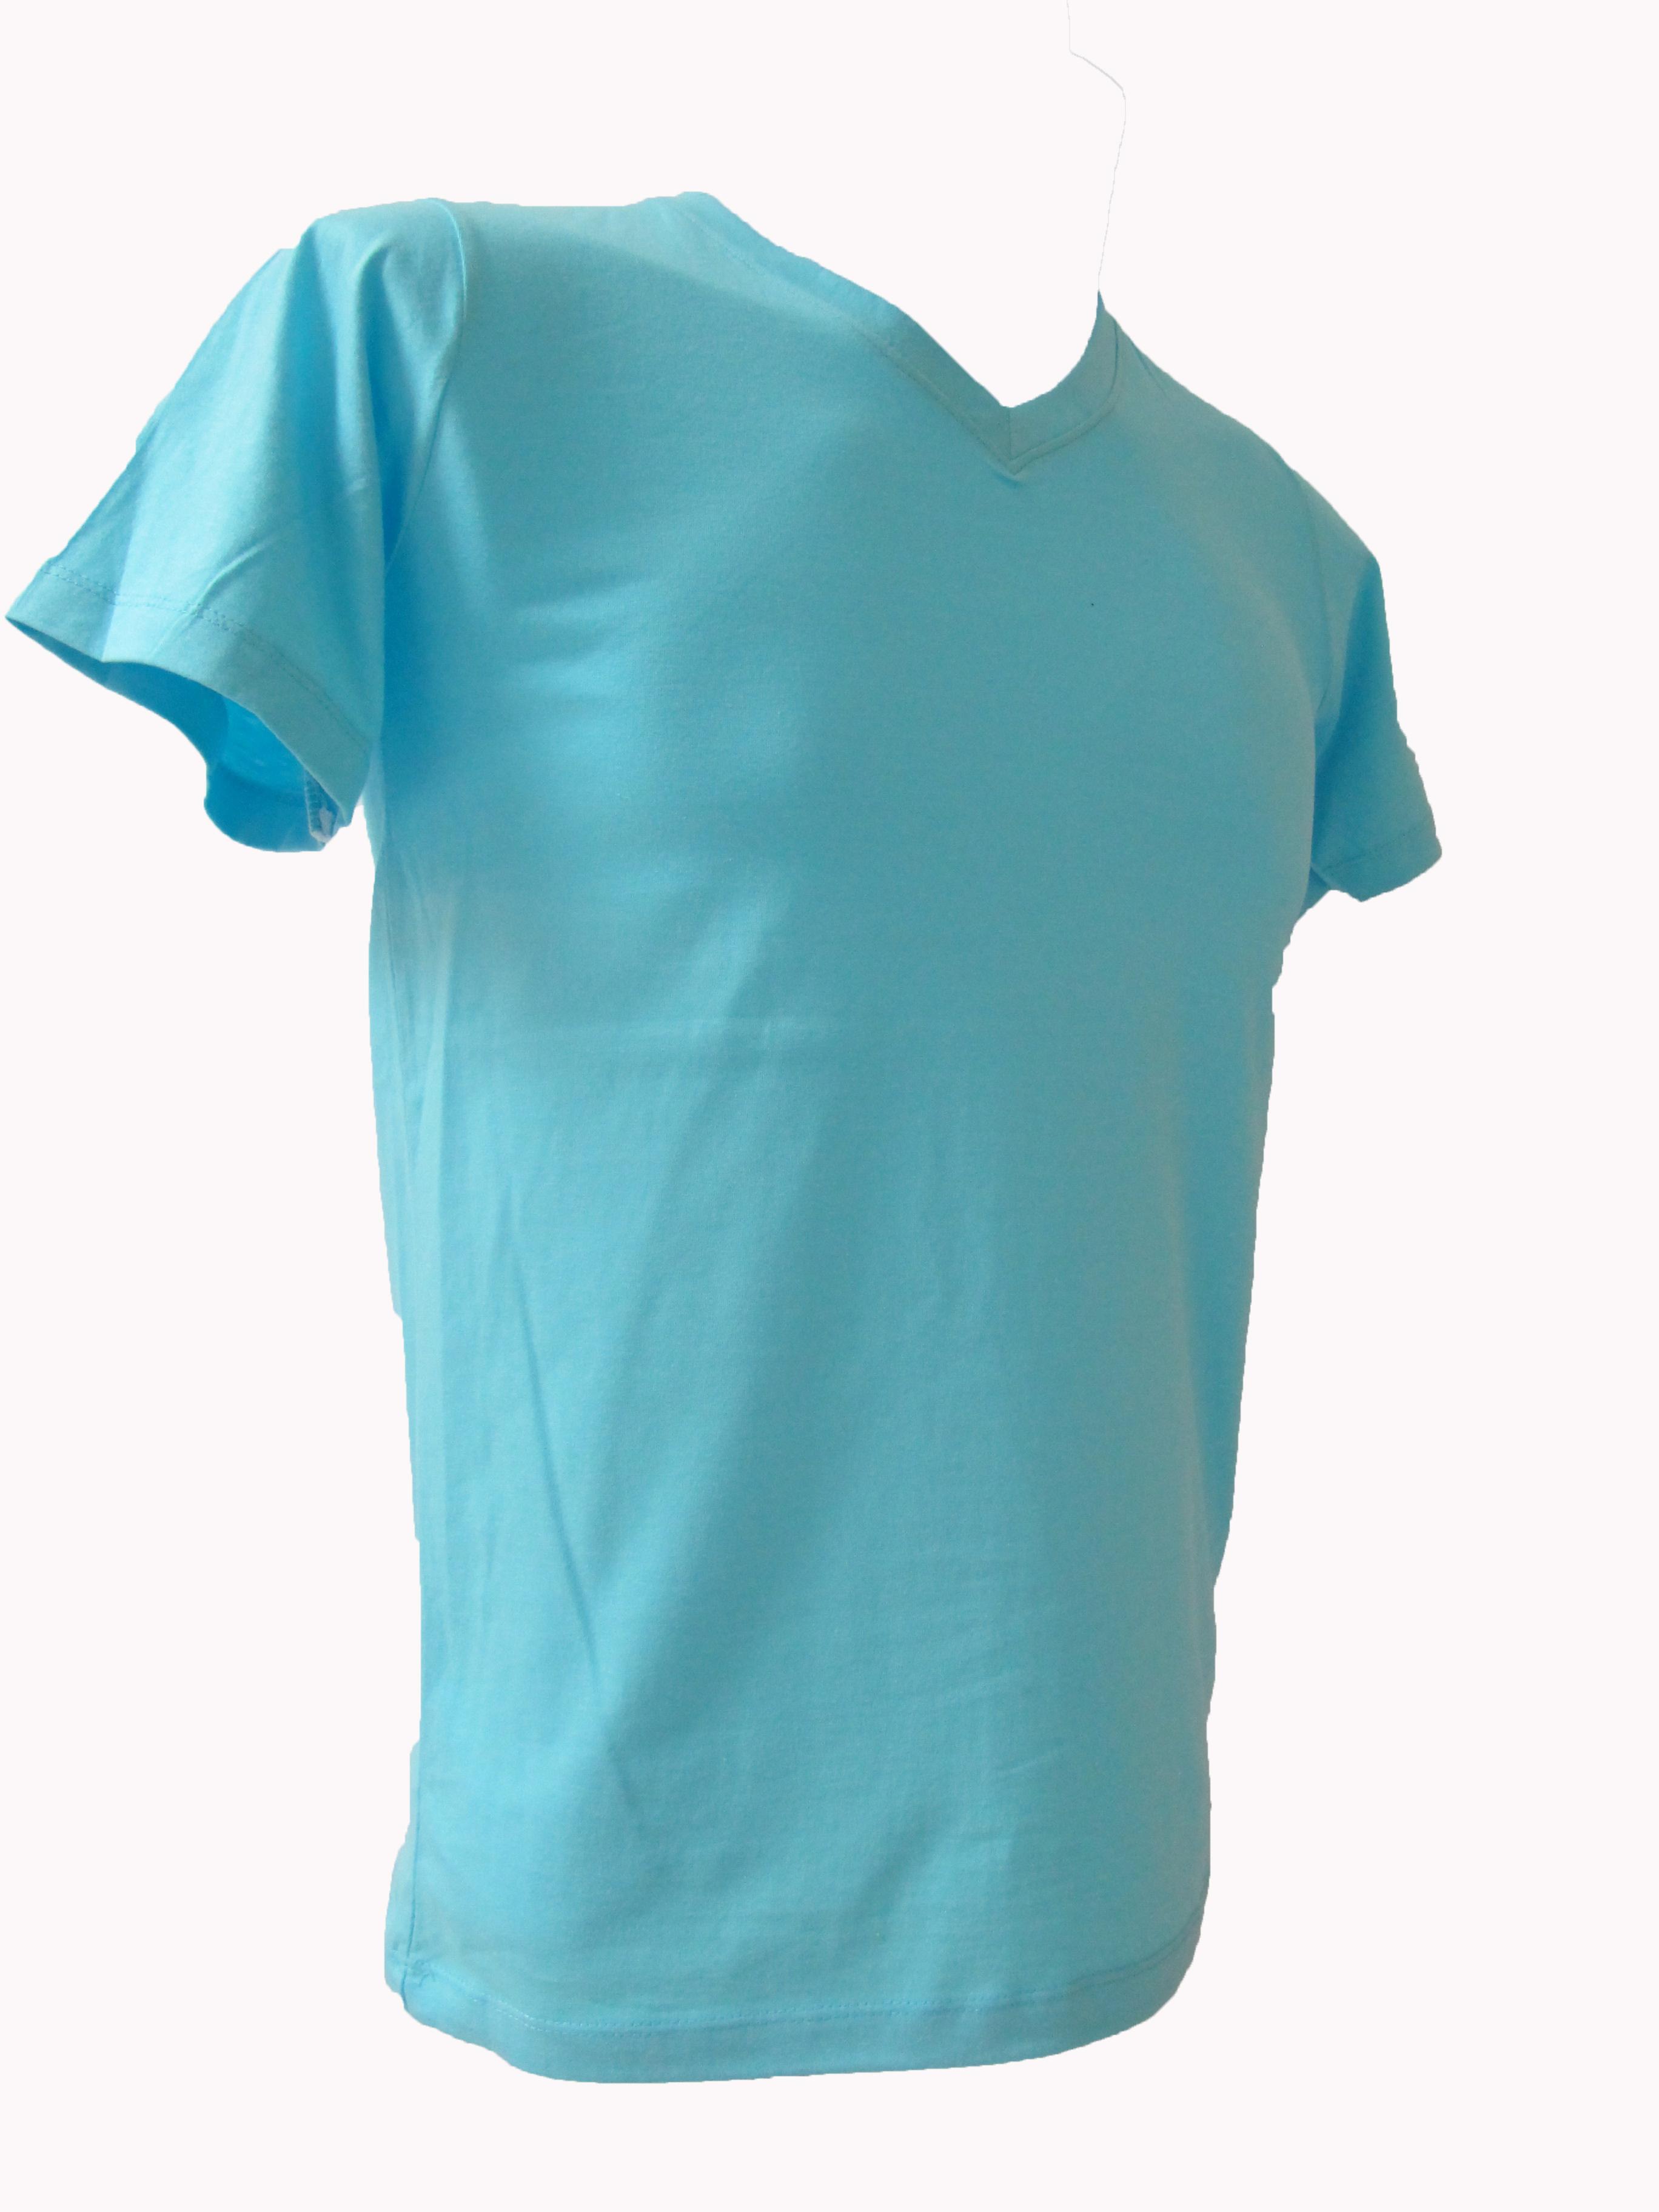 COTTON100% เบอร์32 เสื้อยืดแขนสั้น คอวี สีฟ้าอ่อน